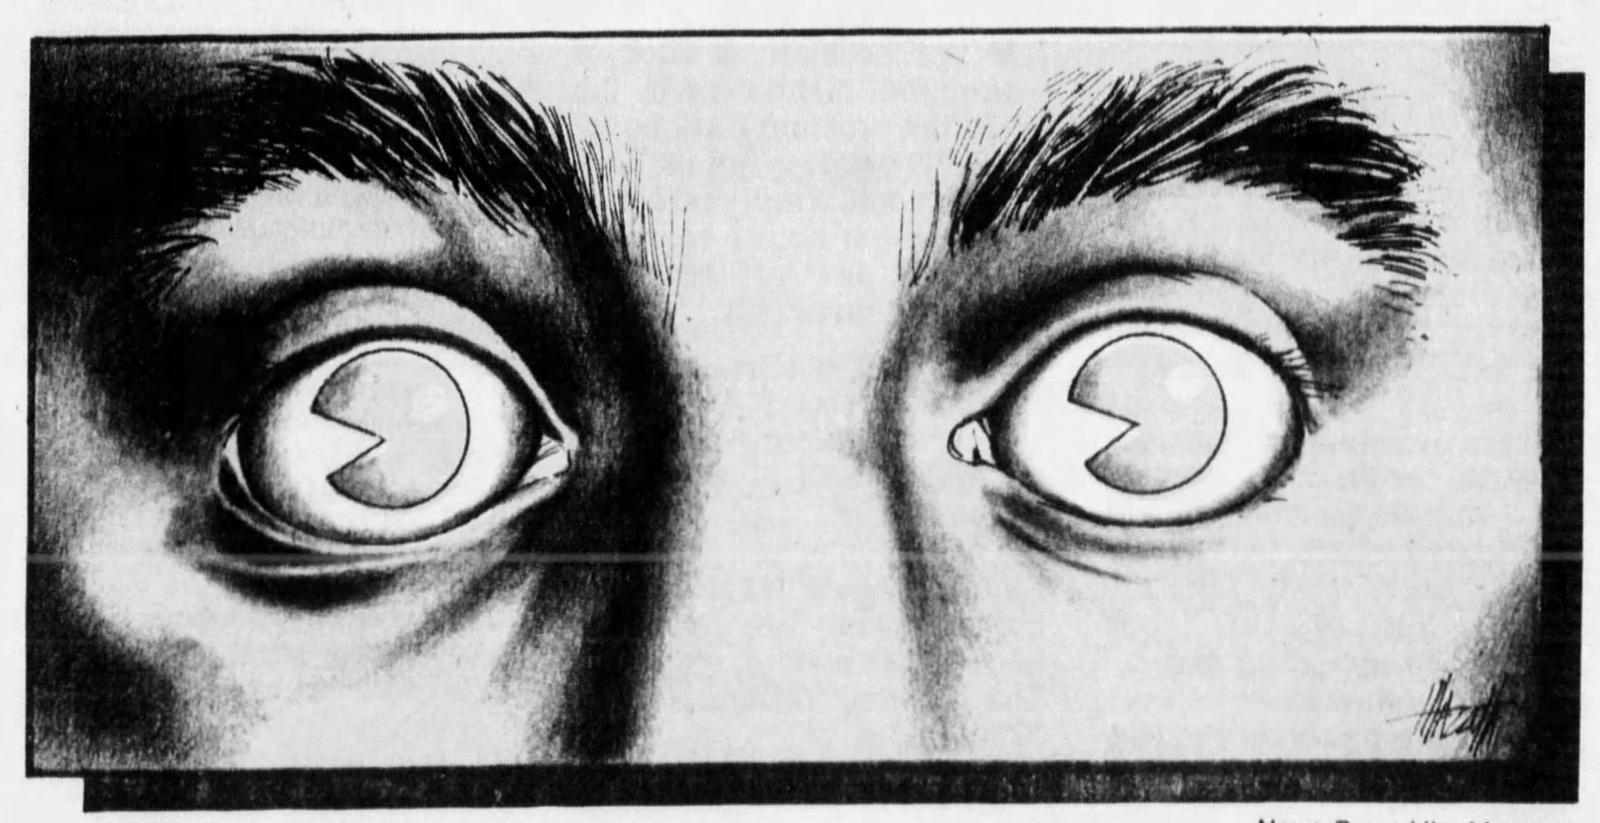 Магазинные крысы, видиоты и игроманы: пропаганда вреда видеоигр, шедшая в 80-х годах - 12